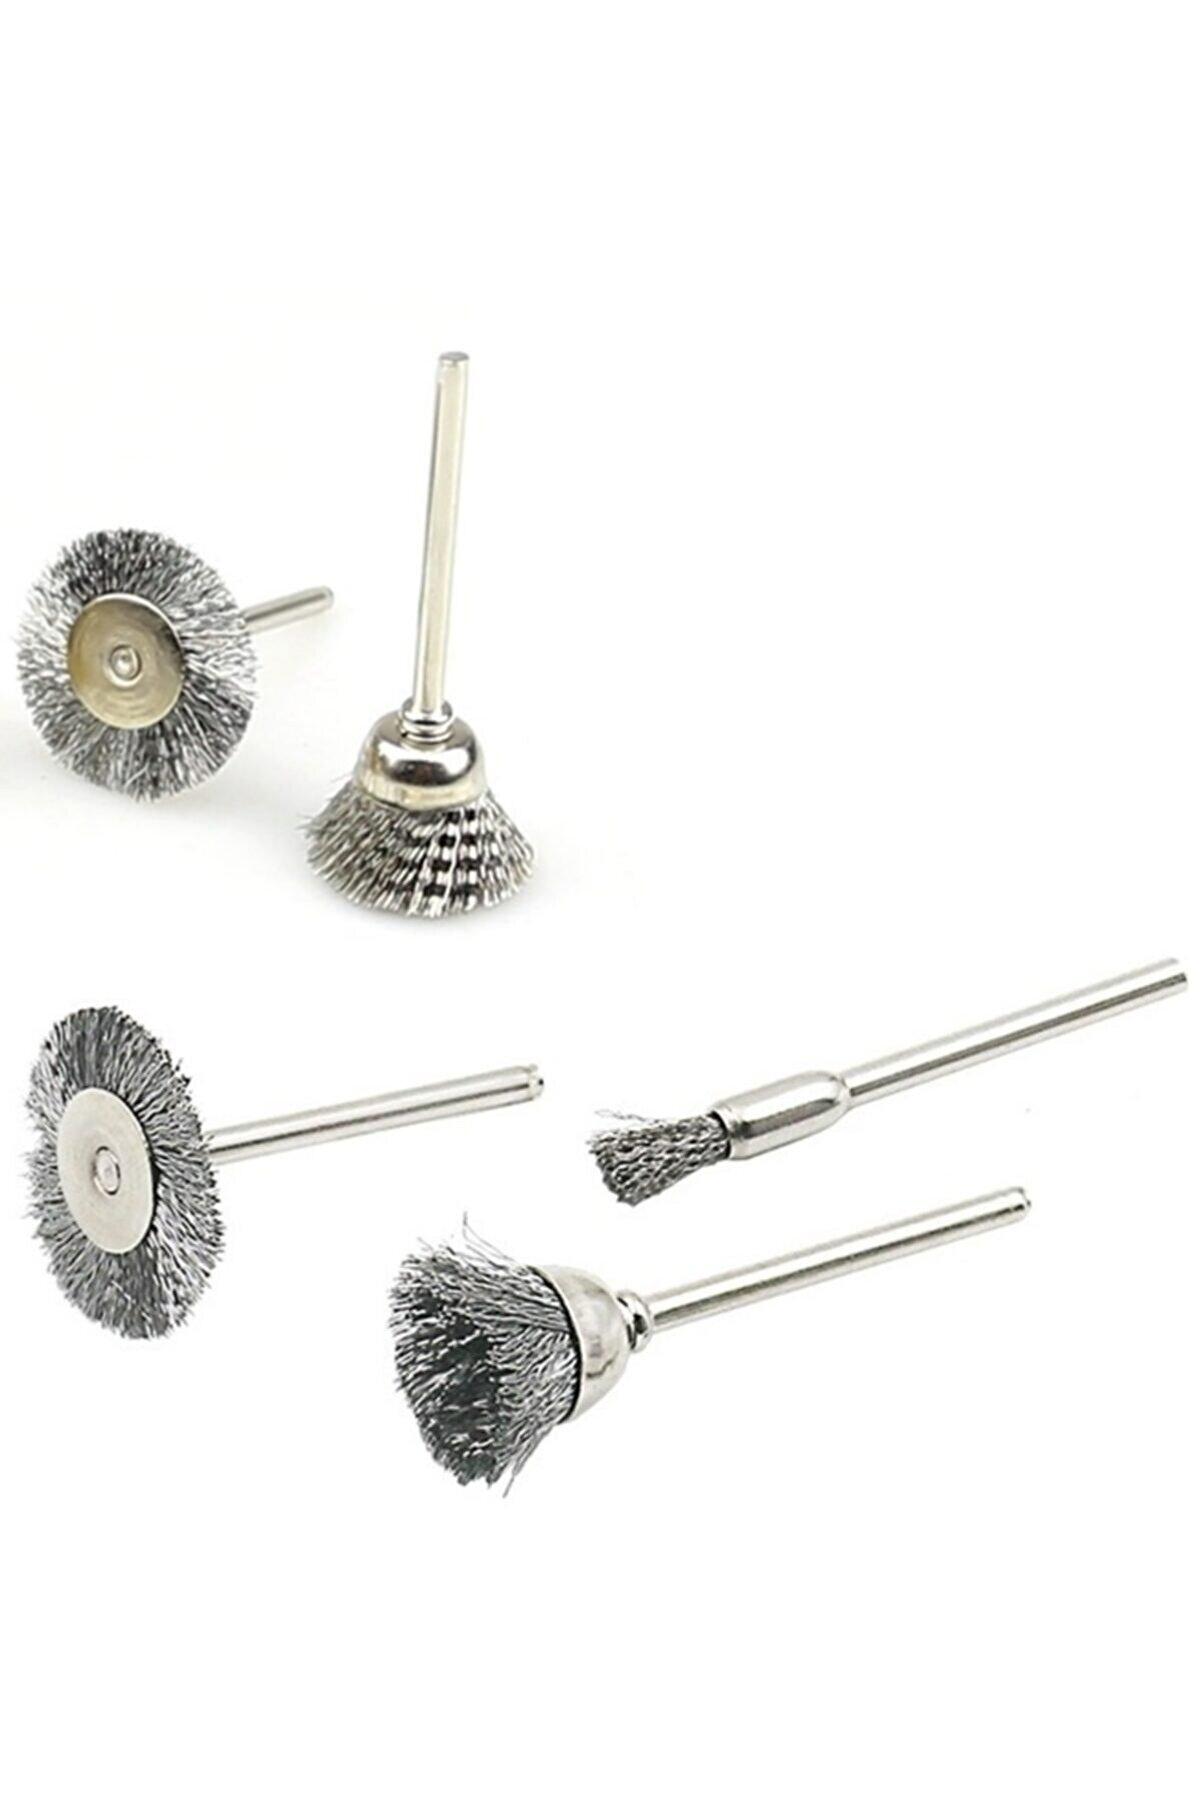 Depolife Dremel Proxxon Uyumlu 5 Parça Çelik Tel Fırça Seti Pas Kir Temizleme Zımparalama Kalıpçı Seti